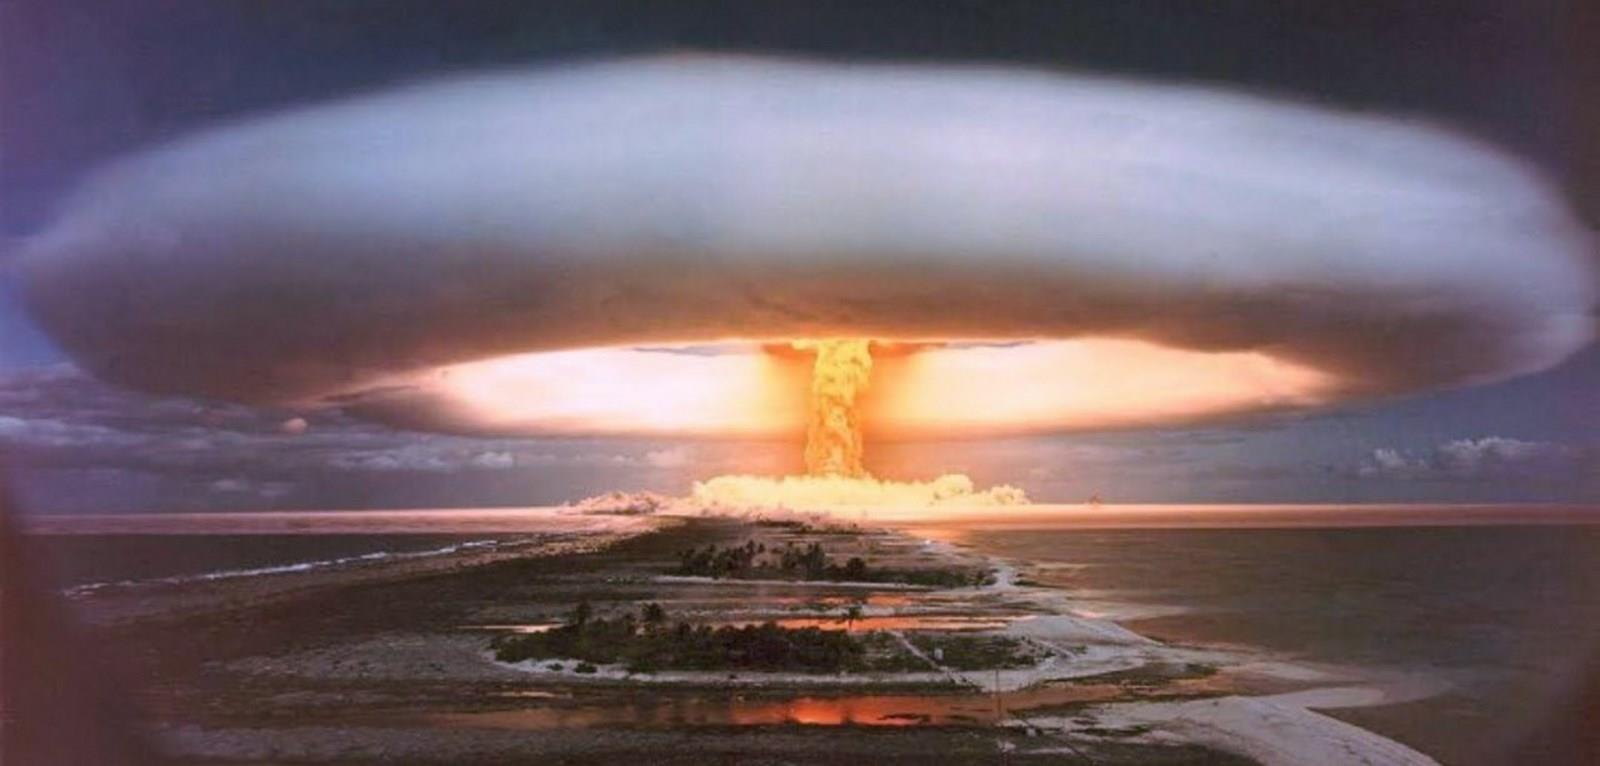 Hé lộ lần Liên Xô ném quả bom nhiệt hạch lớn nhất lịch sử - 2